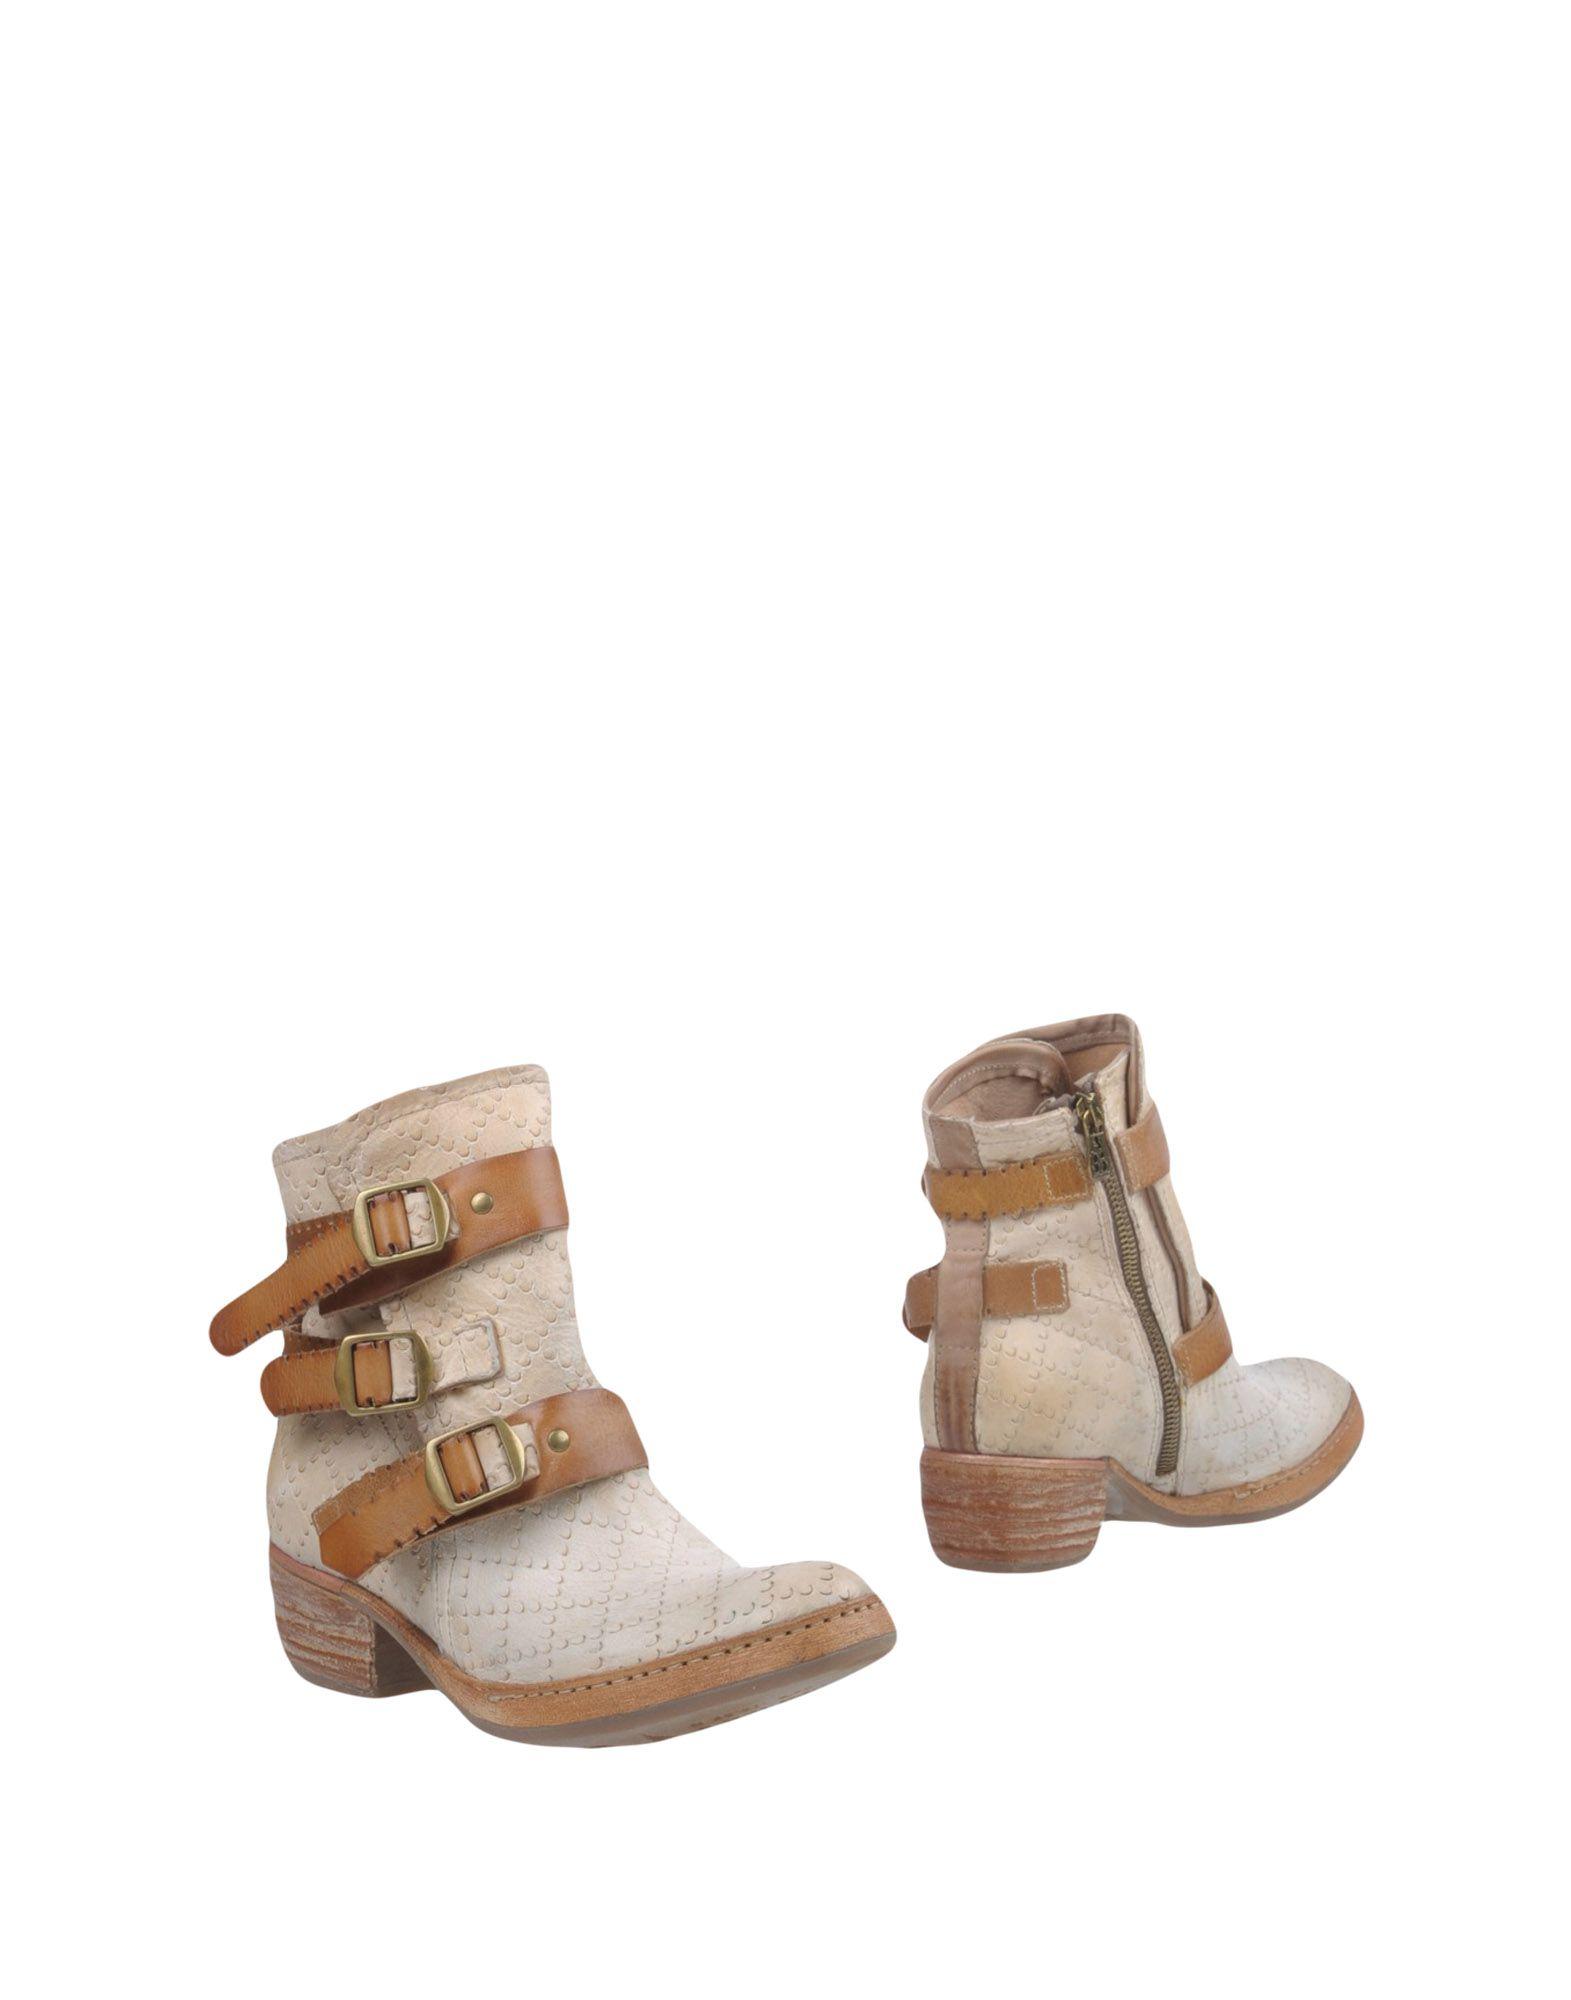 A.S. 98 Stiefelette Damen  11388331QE Gute Qualität beliebte Schuhe